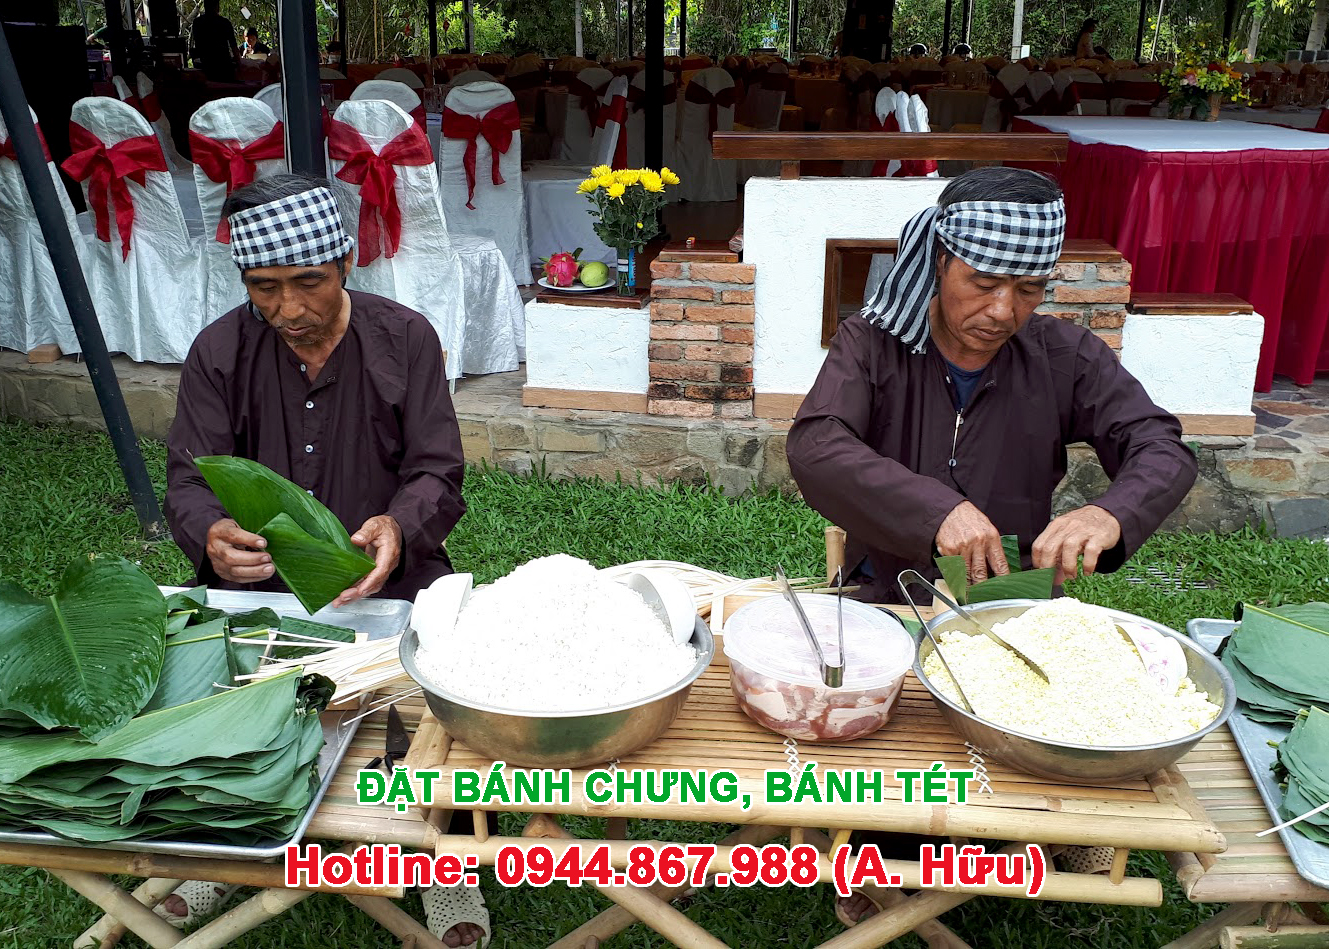 Đặt bánh chưng, bánh tét Tết ở Sài Gòn